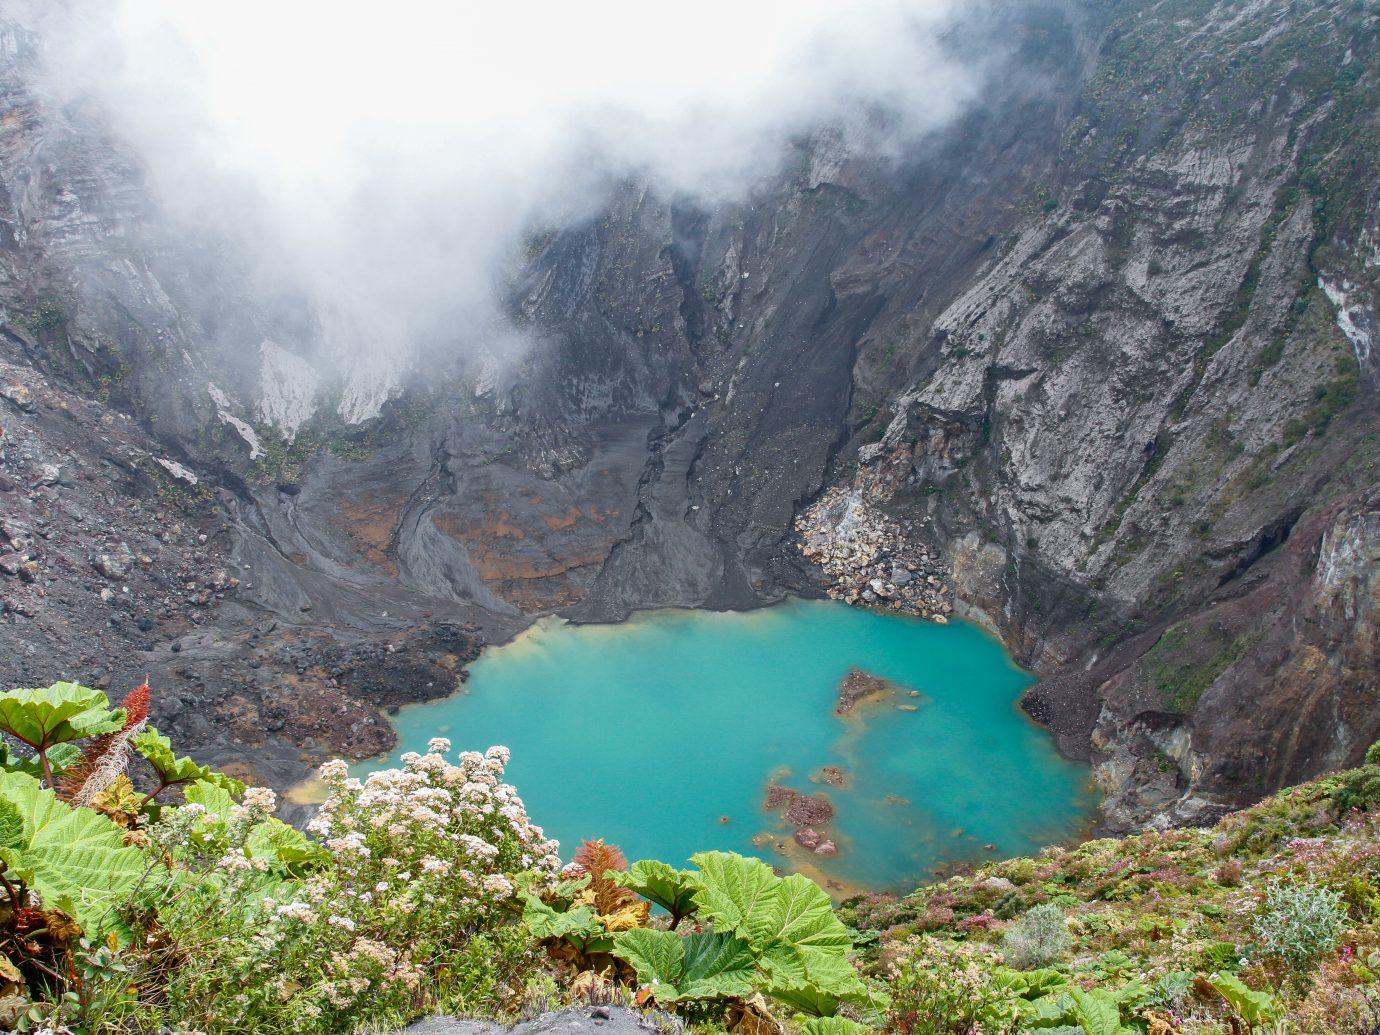 Irazu volcano in Costa Rica